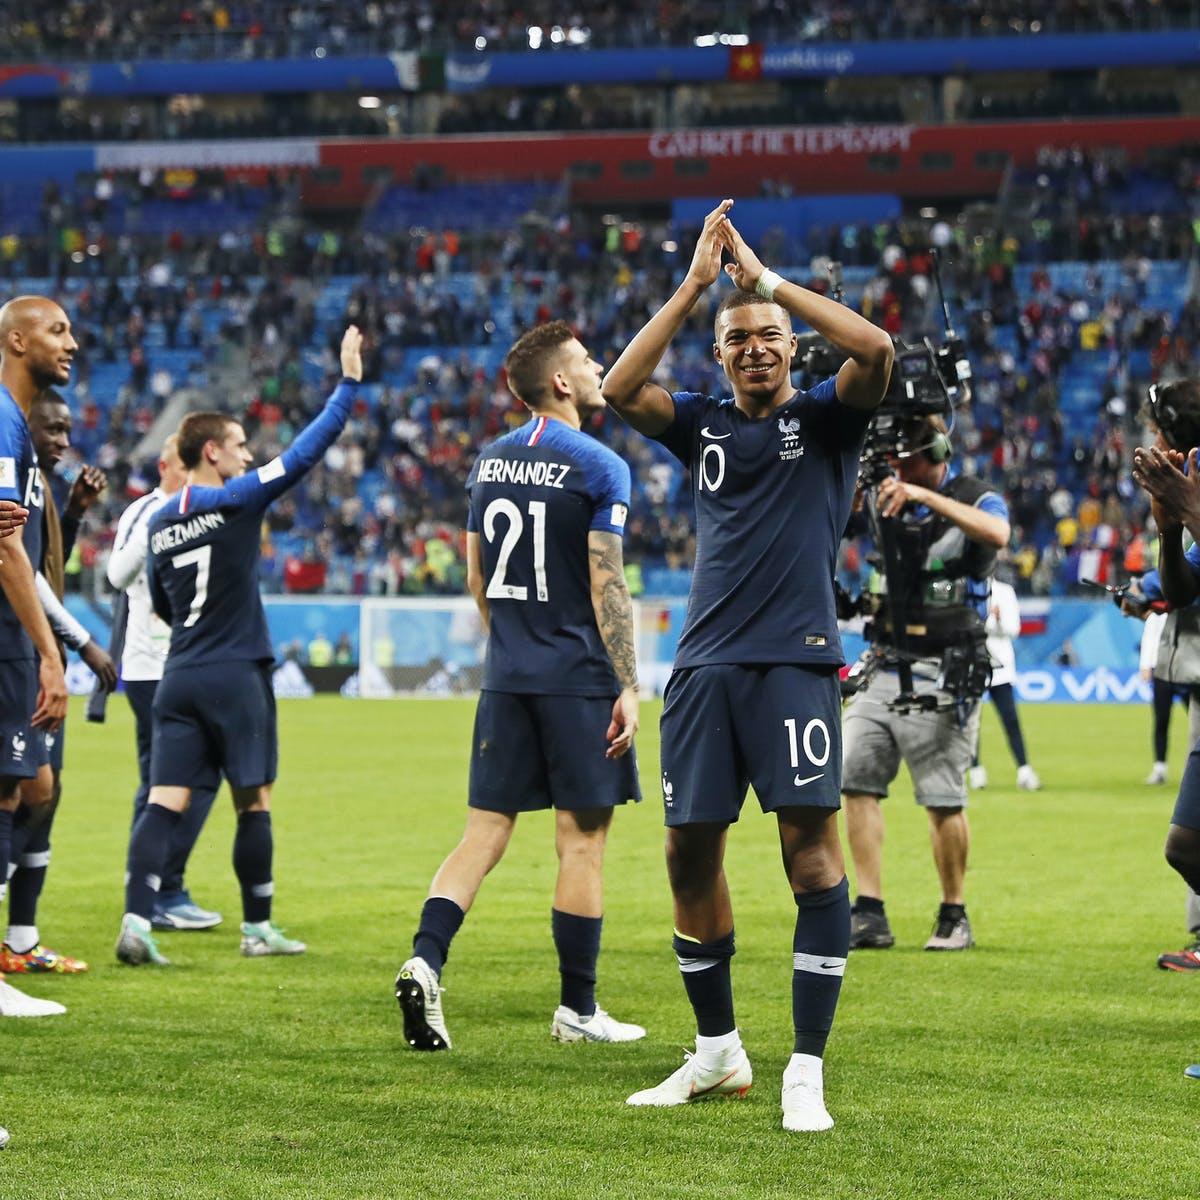 Mbappe France National Team